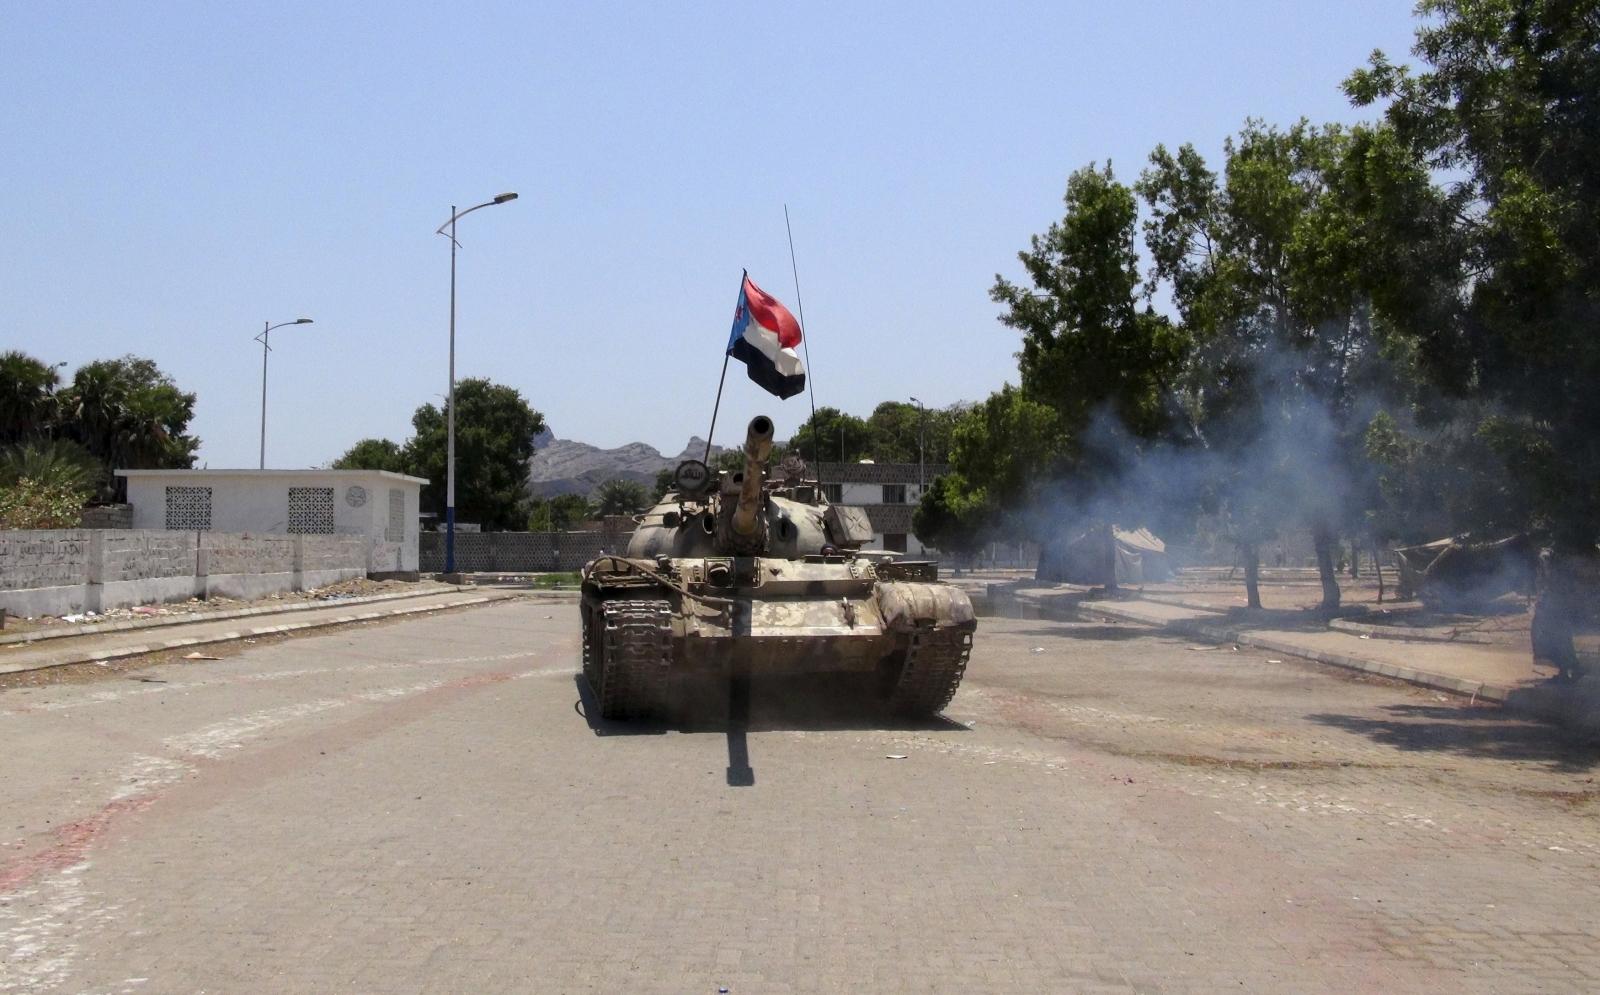 Aden tank